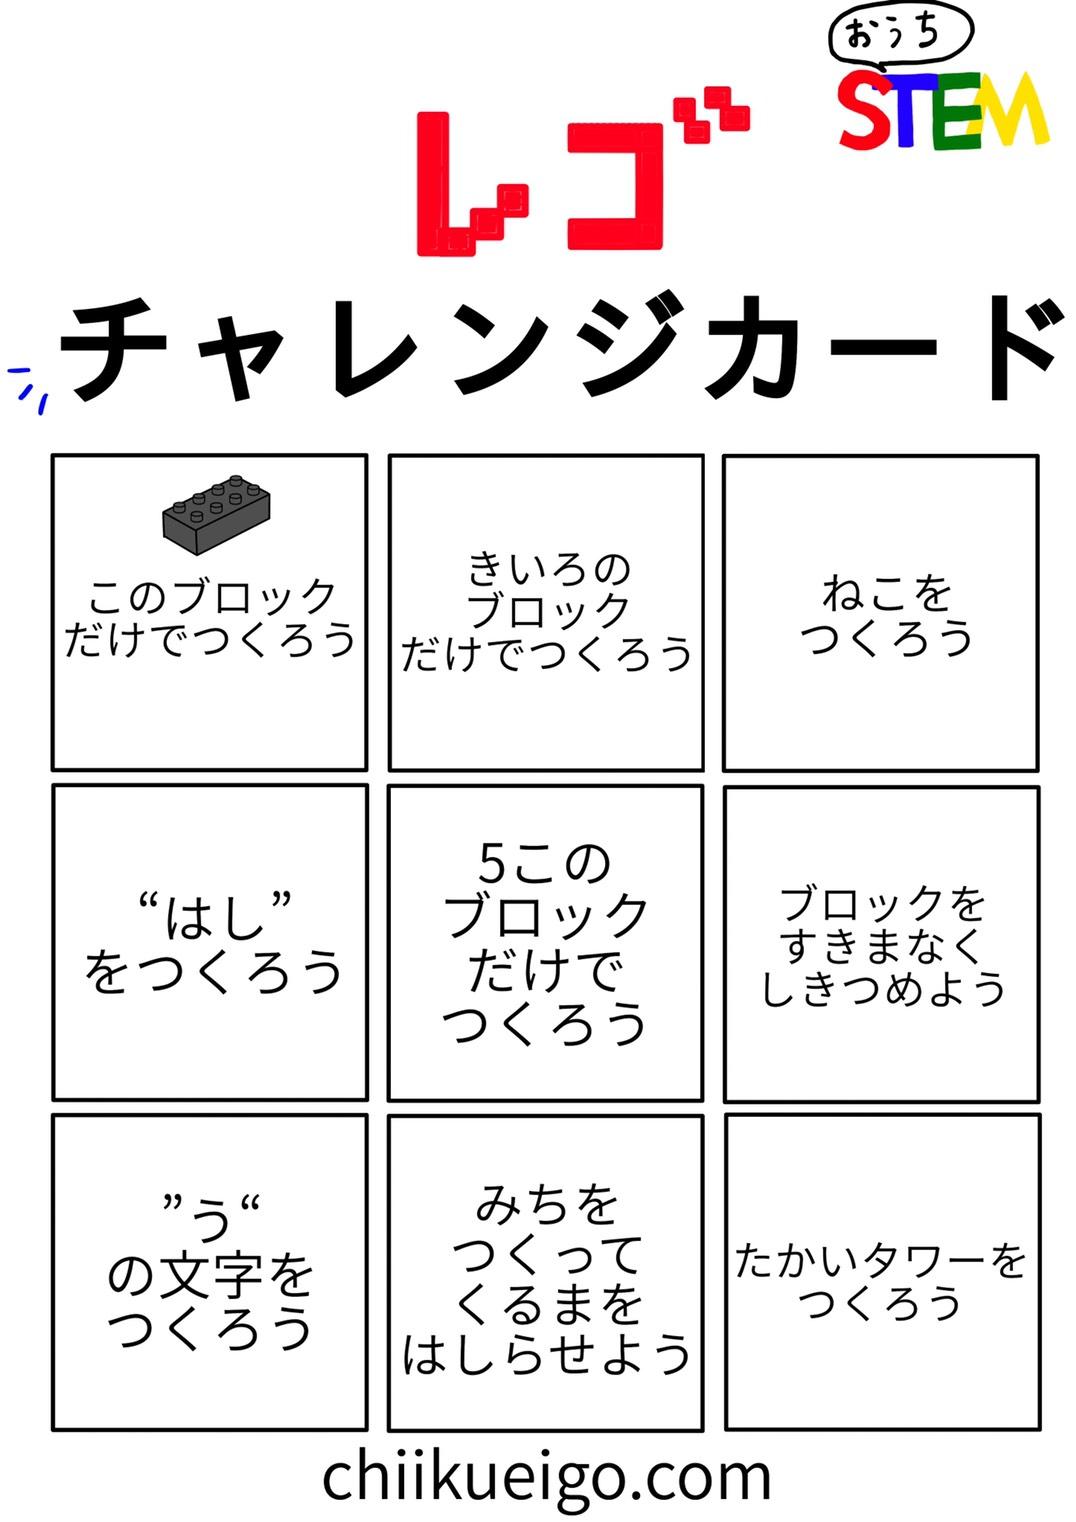 レゴチャレンジカード